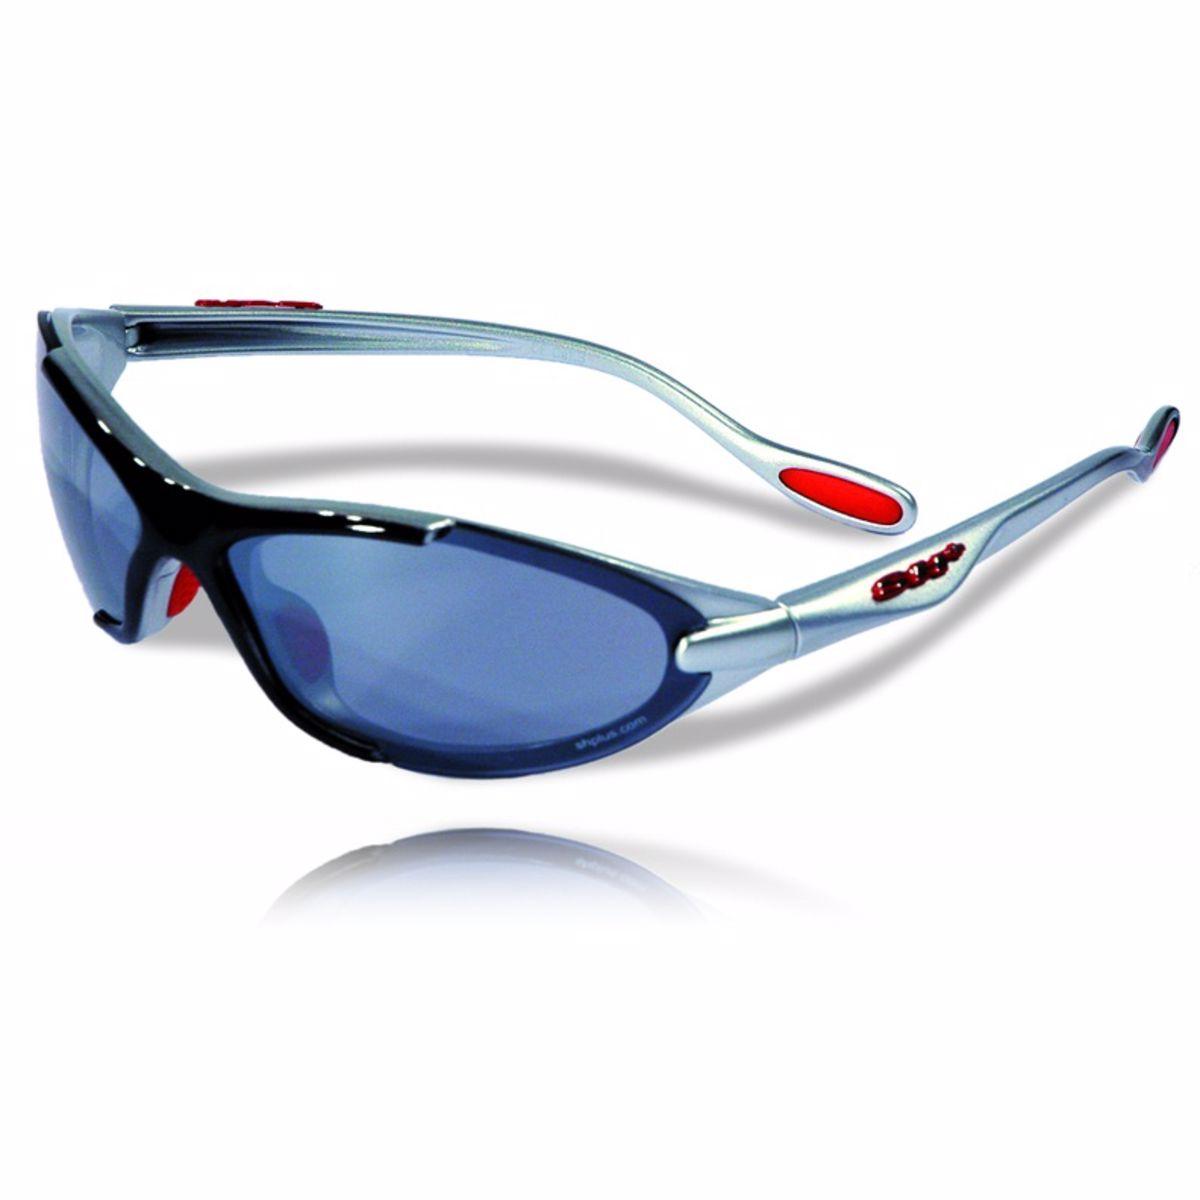 Športové okuliare SHplus RG ULTRA LIGHT sú športové slnečné okuliare s  polykarbonátovými sklami pre maximálnu ochranu očí pri cyklistike  ff5a8e25e88